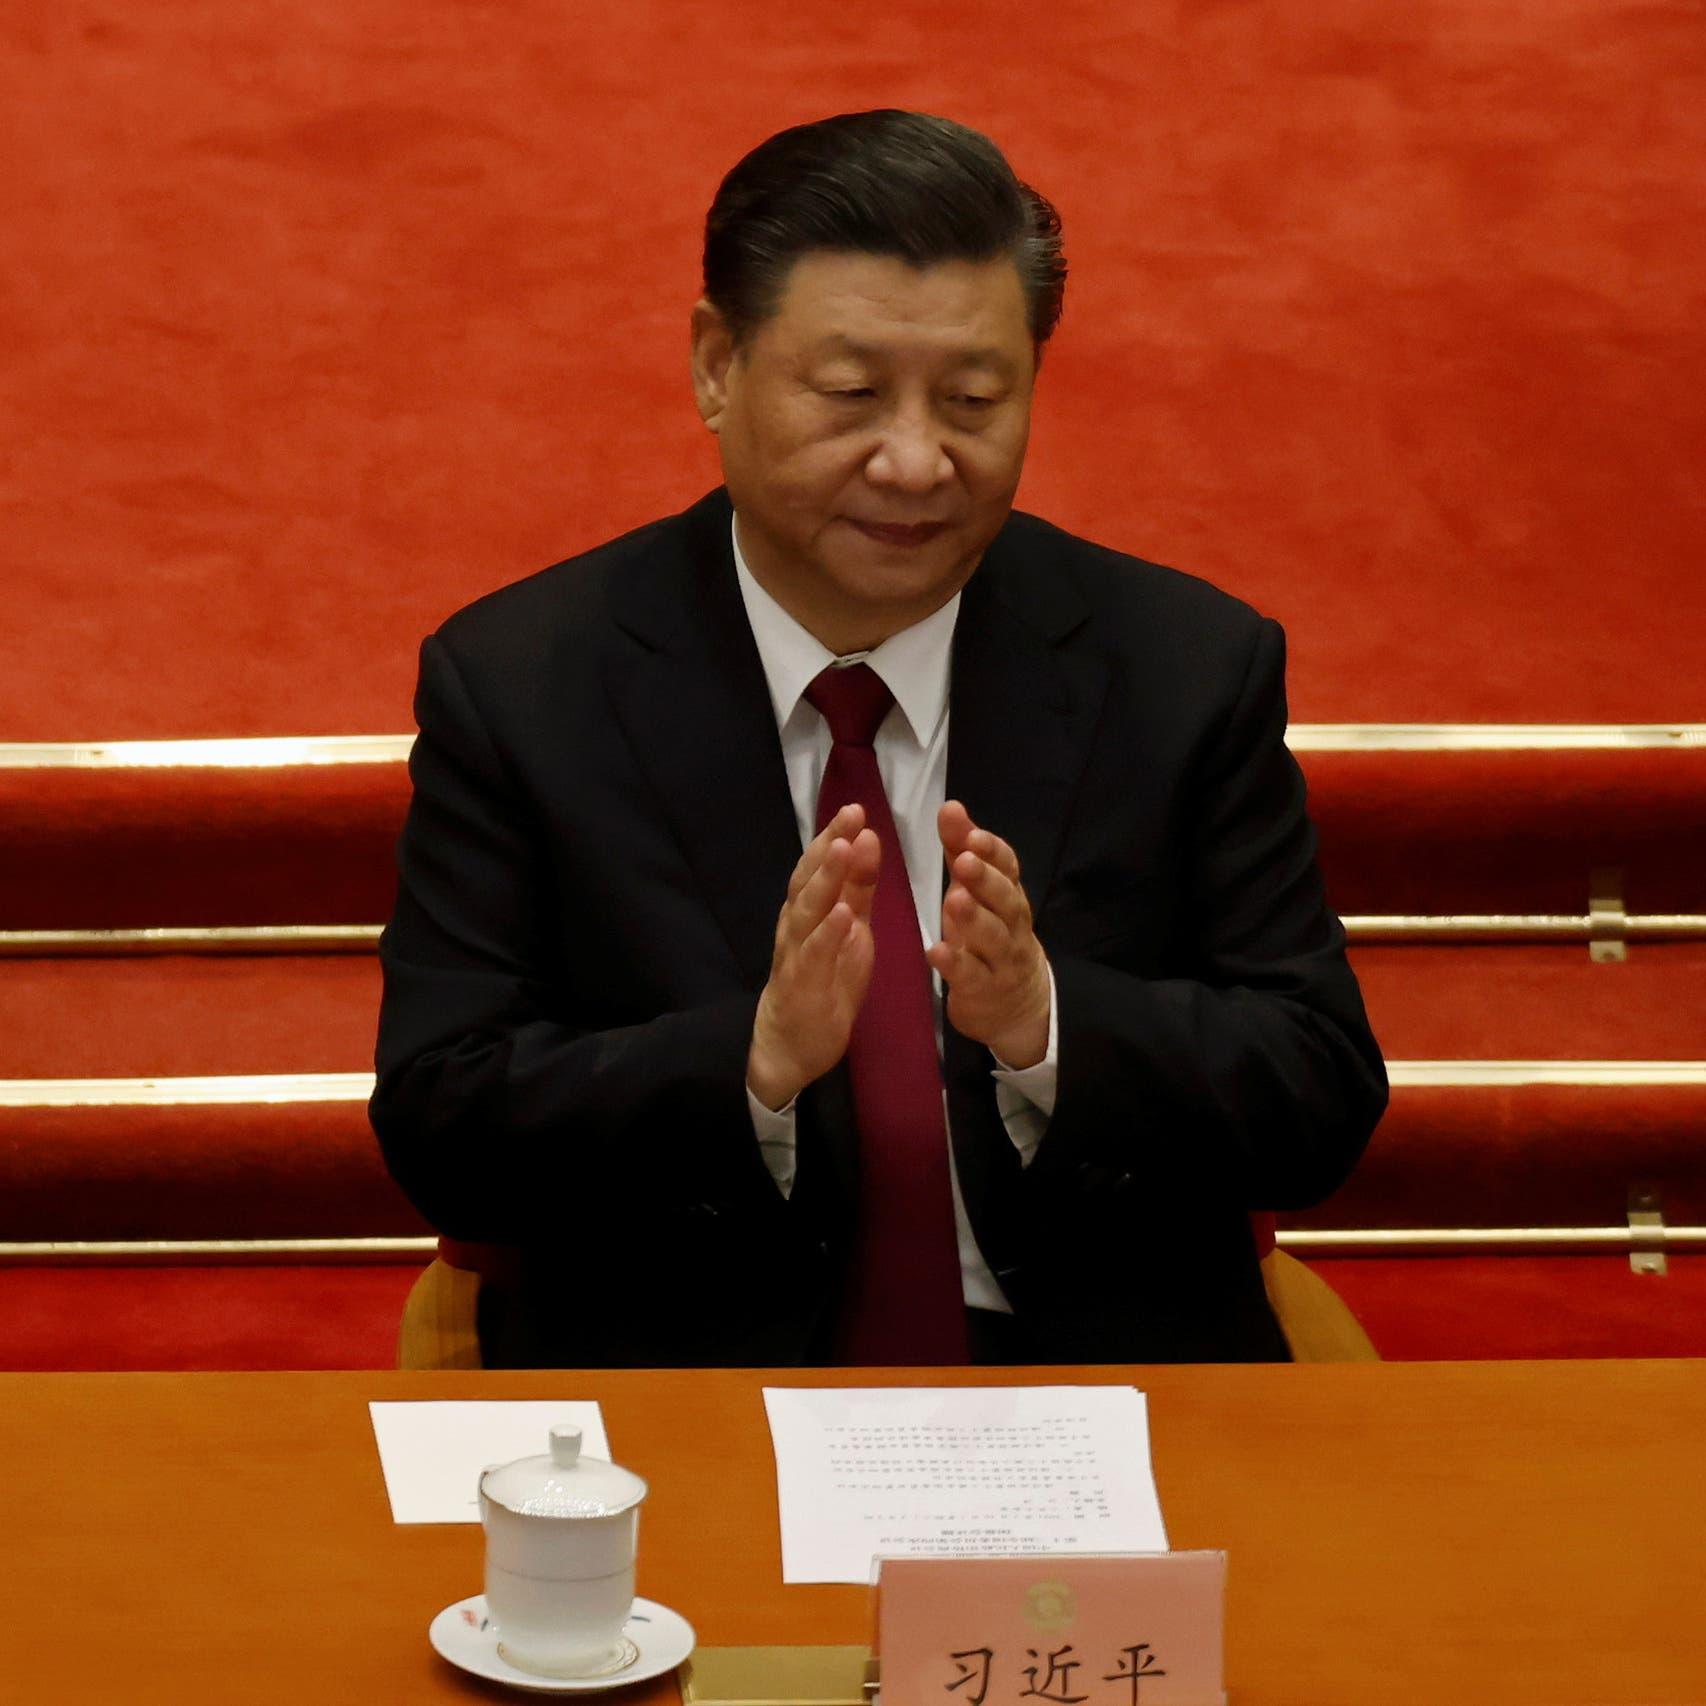 الصين لن تبني مشاريع جديدة للطاقة تعمل بالفحم في الخارج